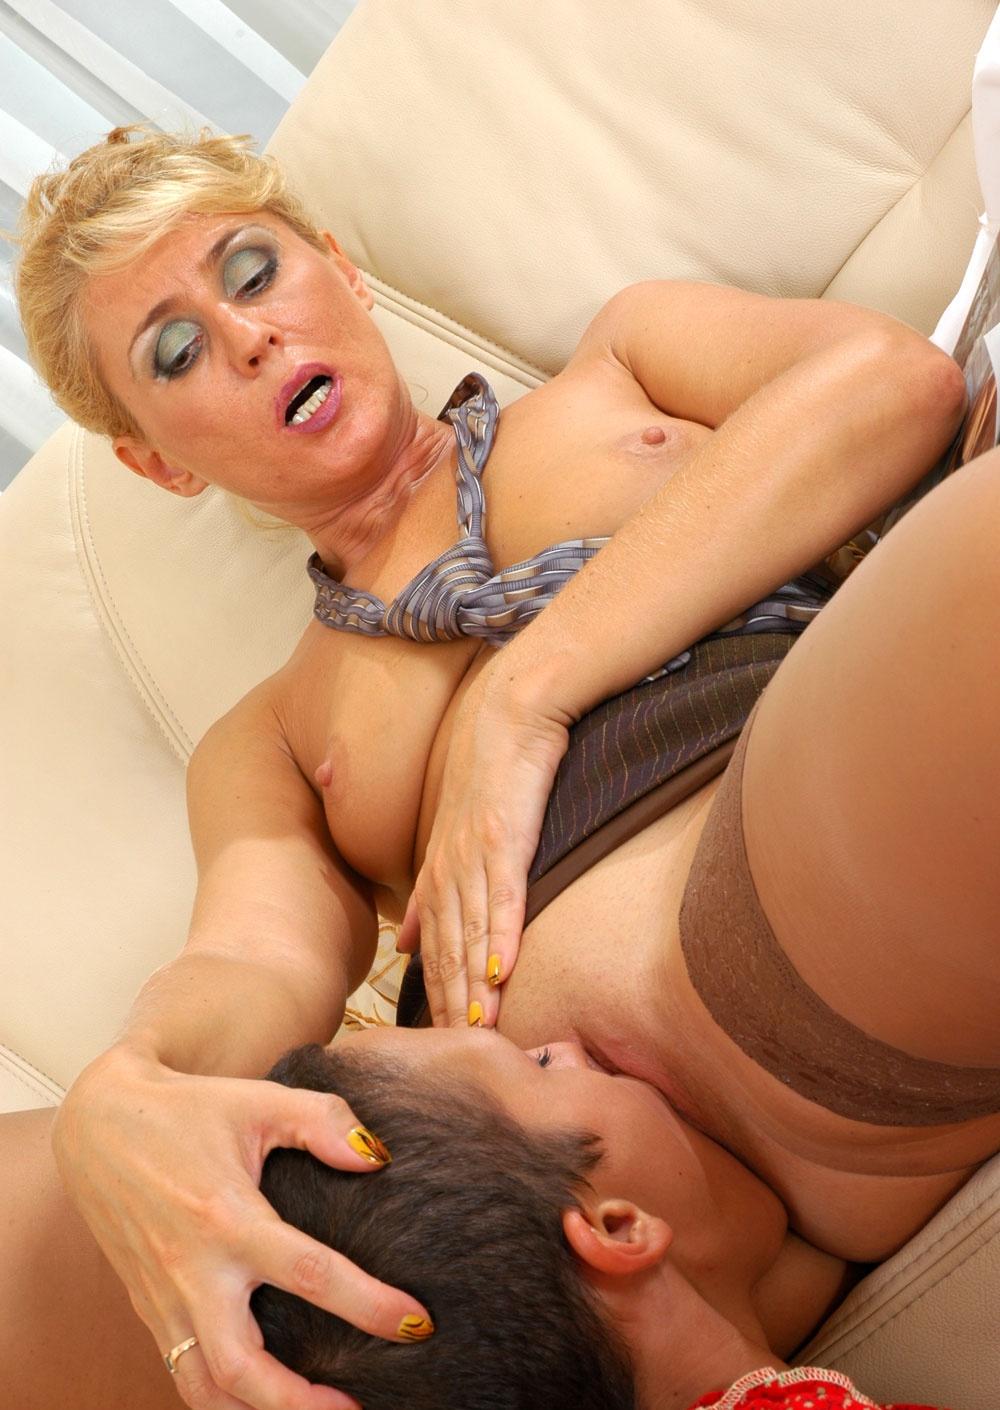 Фильм порнухи лейк порно жестко секса огромным членом